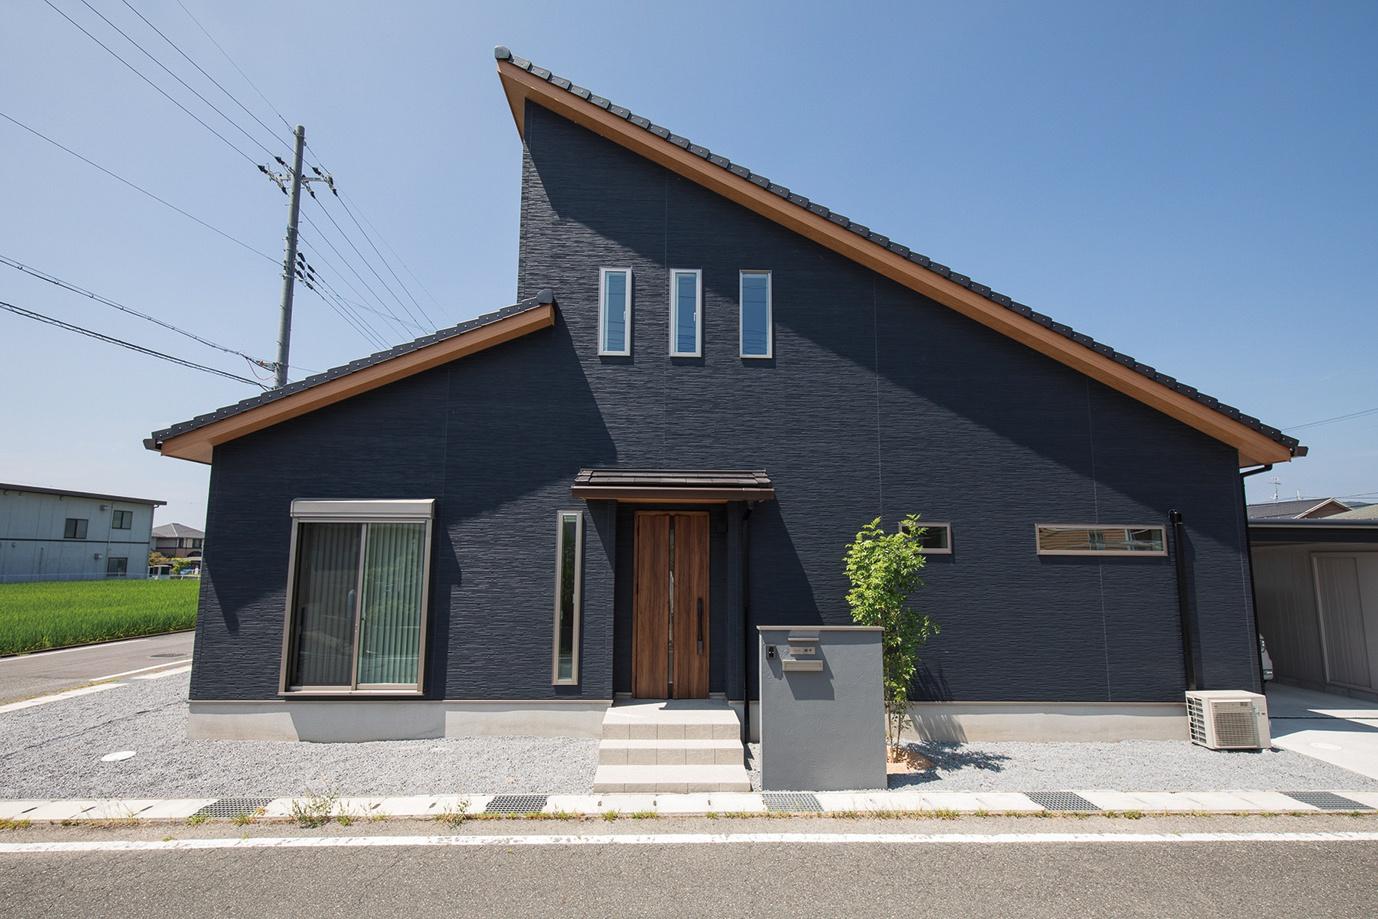 大屋根×ネイビー壁の斬新な外観デザイン